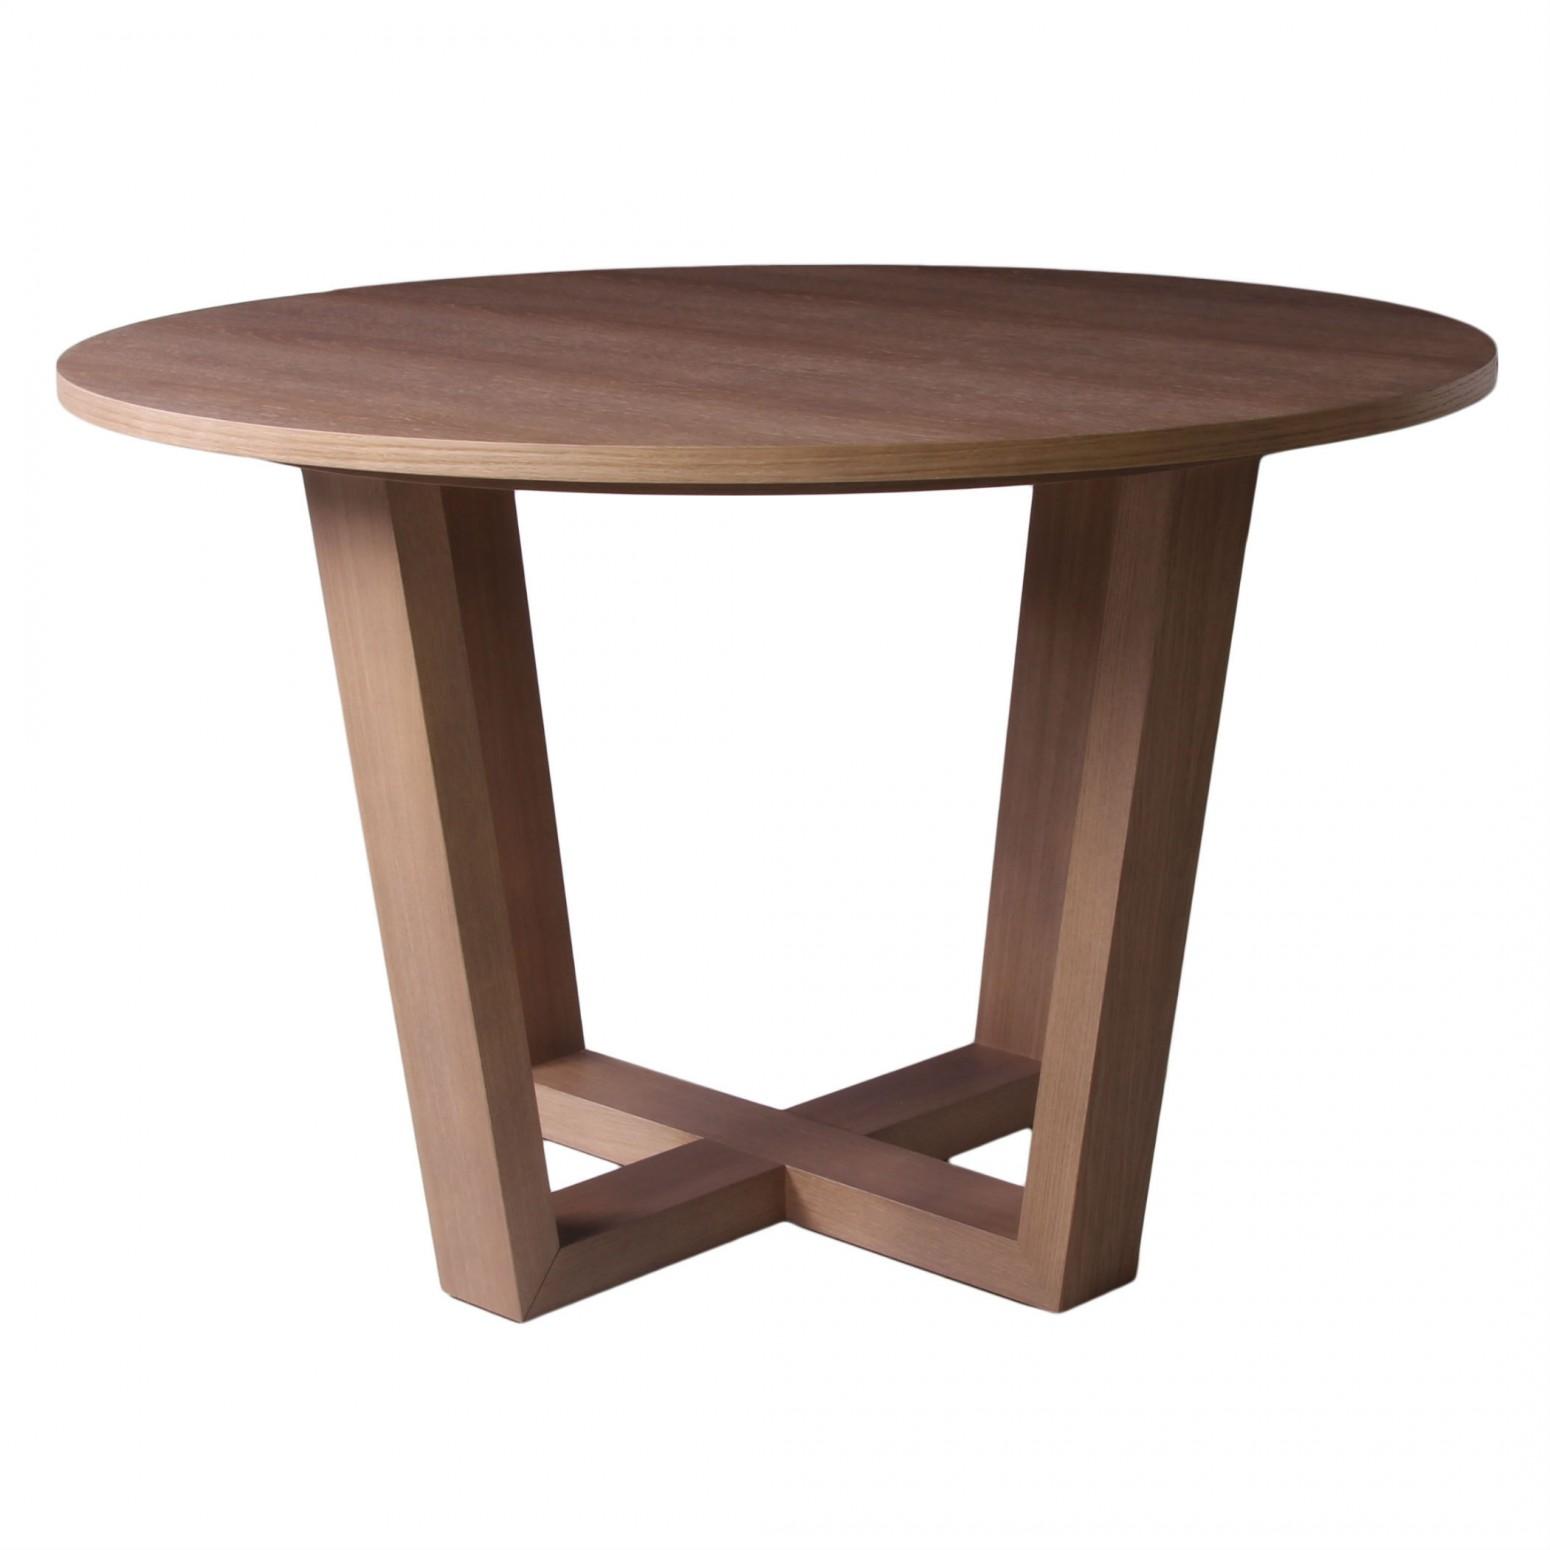 table de salle a manger ronde pieds croises